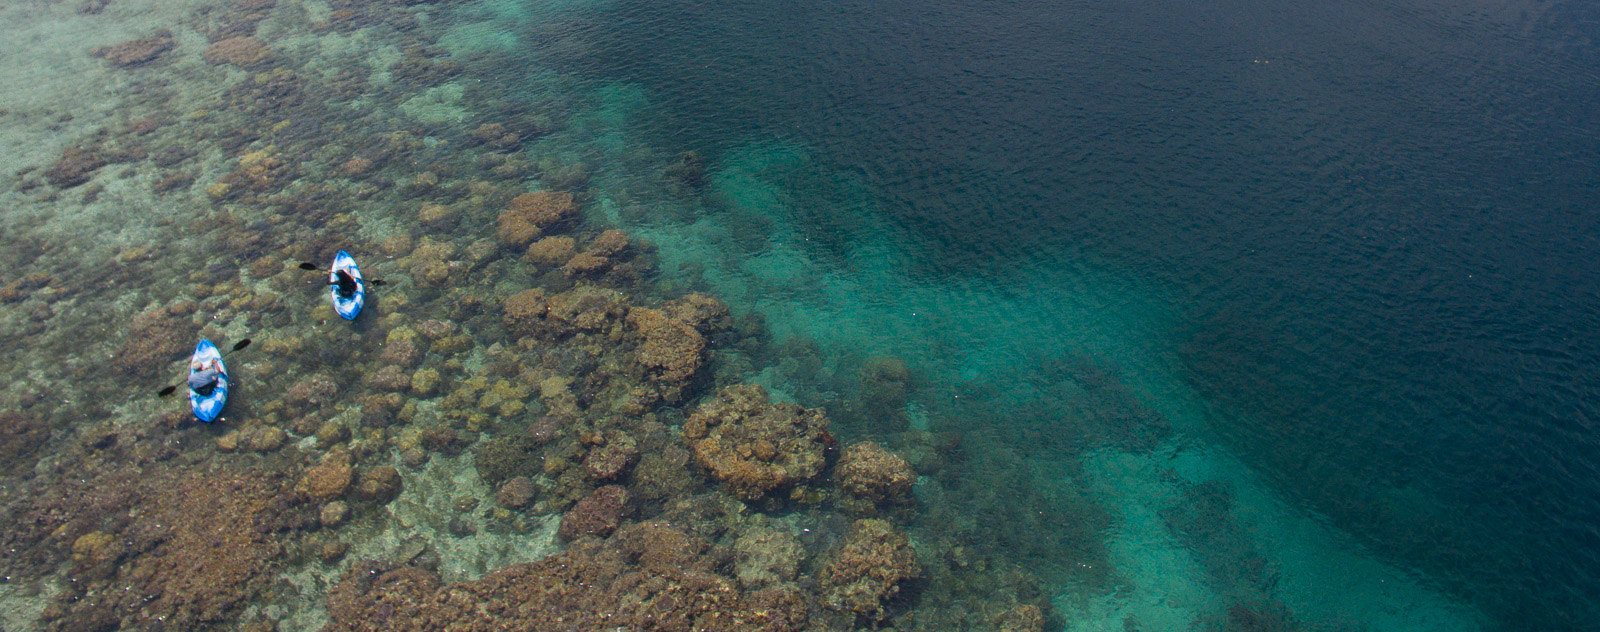 Kayaking in Lembeh Strait